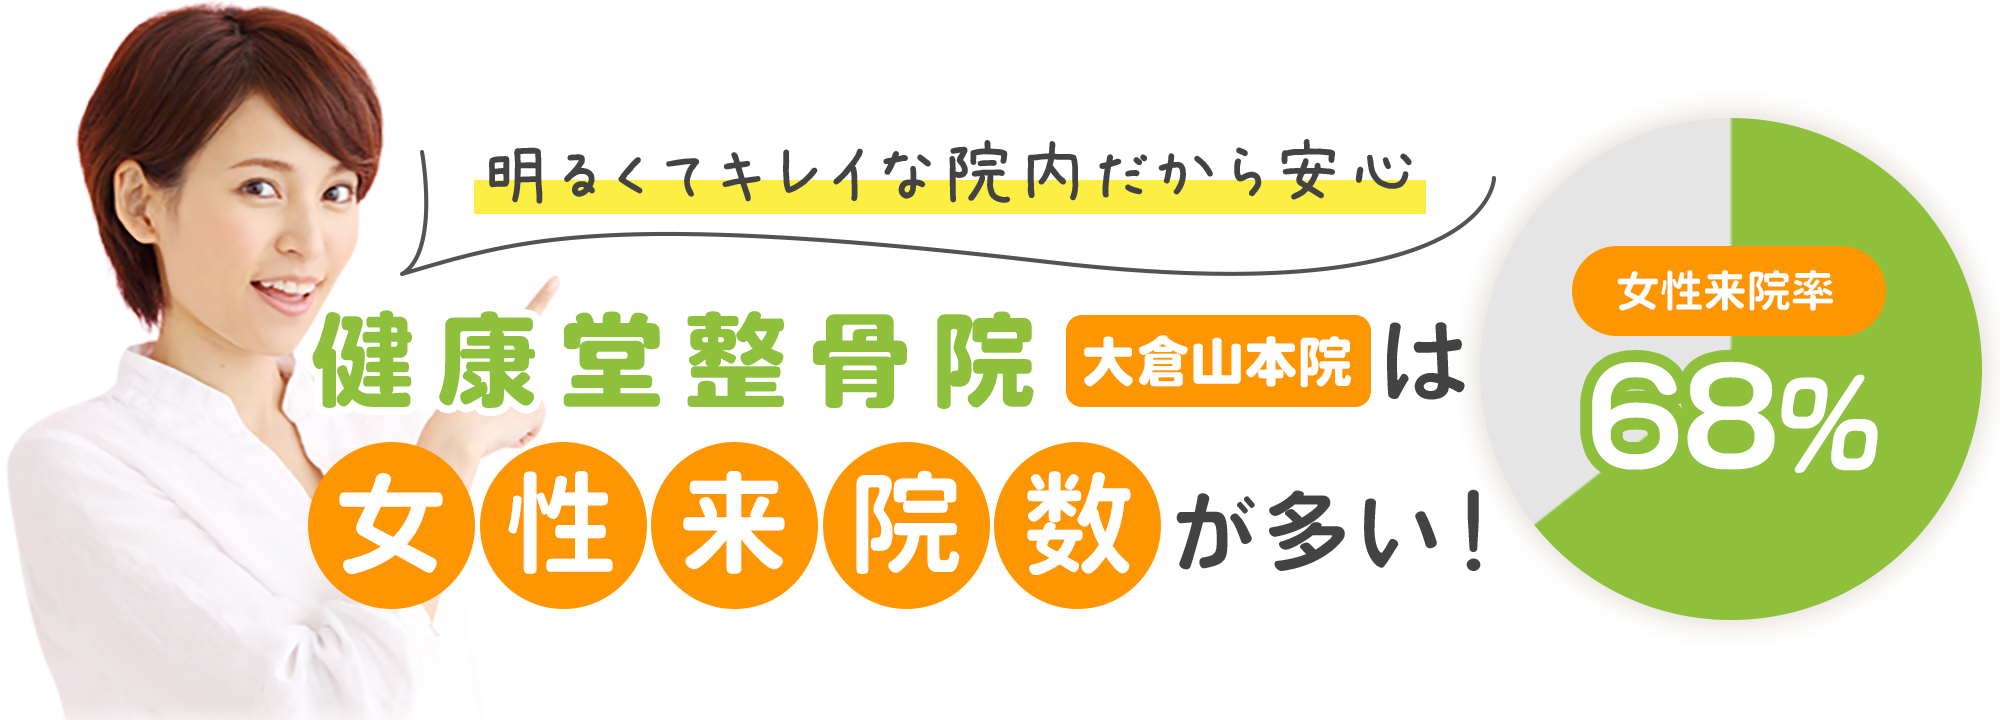 健康堂整骨院 大倉山女性来院数が多い!